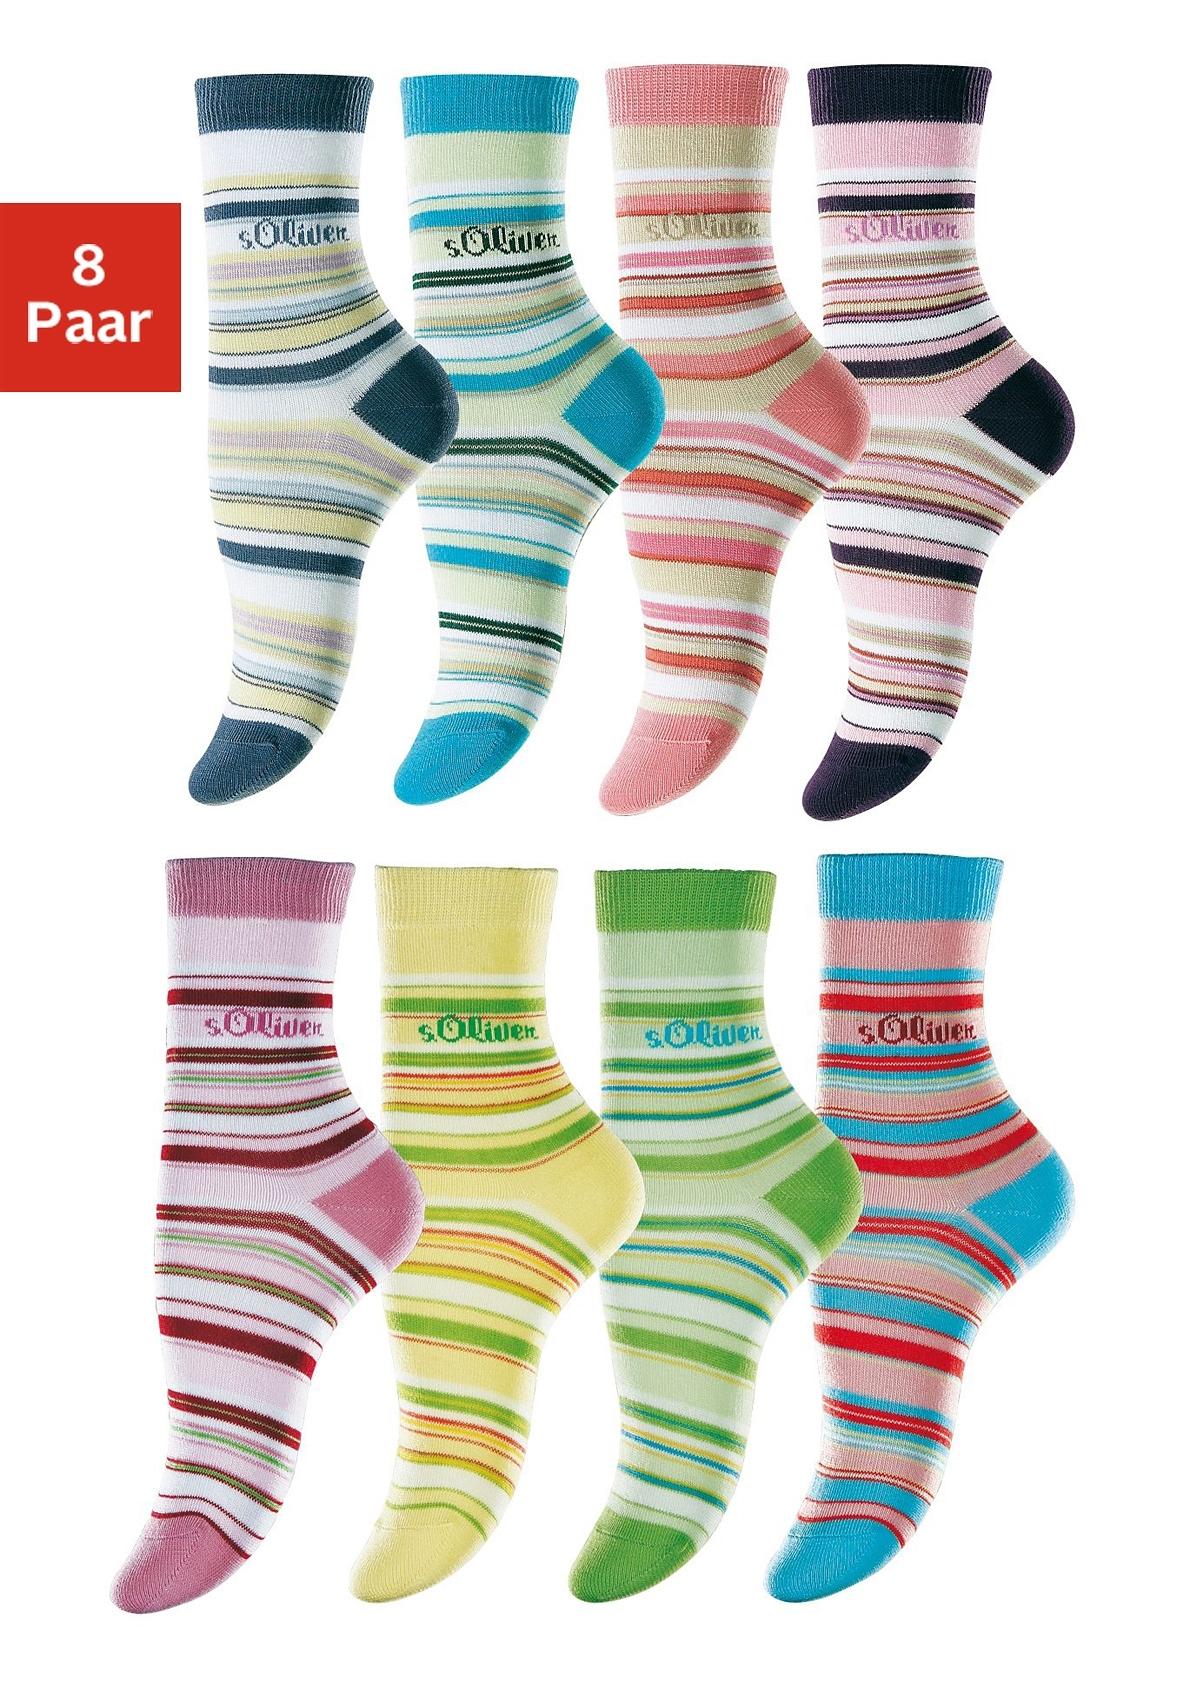 s.Oliver Gestreepte sokken, set van 8 paar voordelig en veilig online kopen